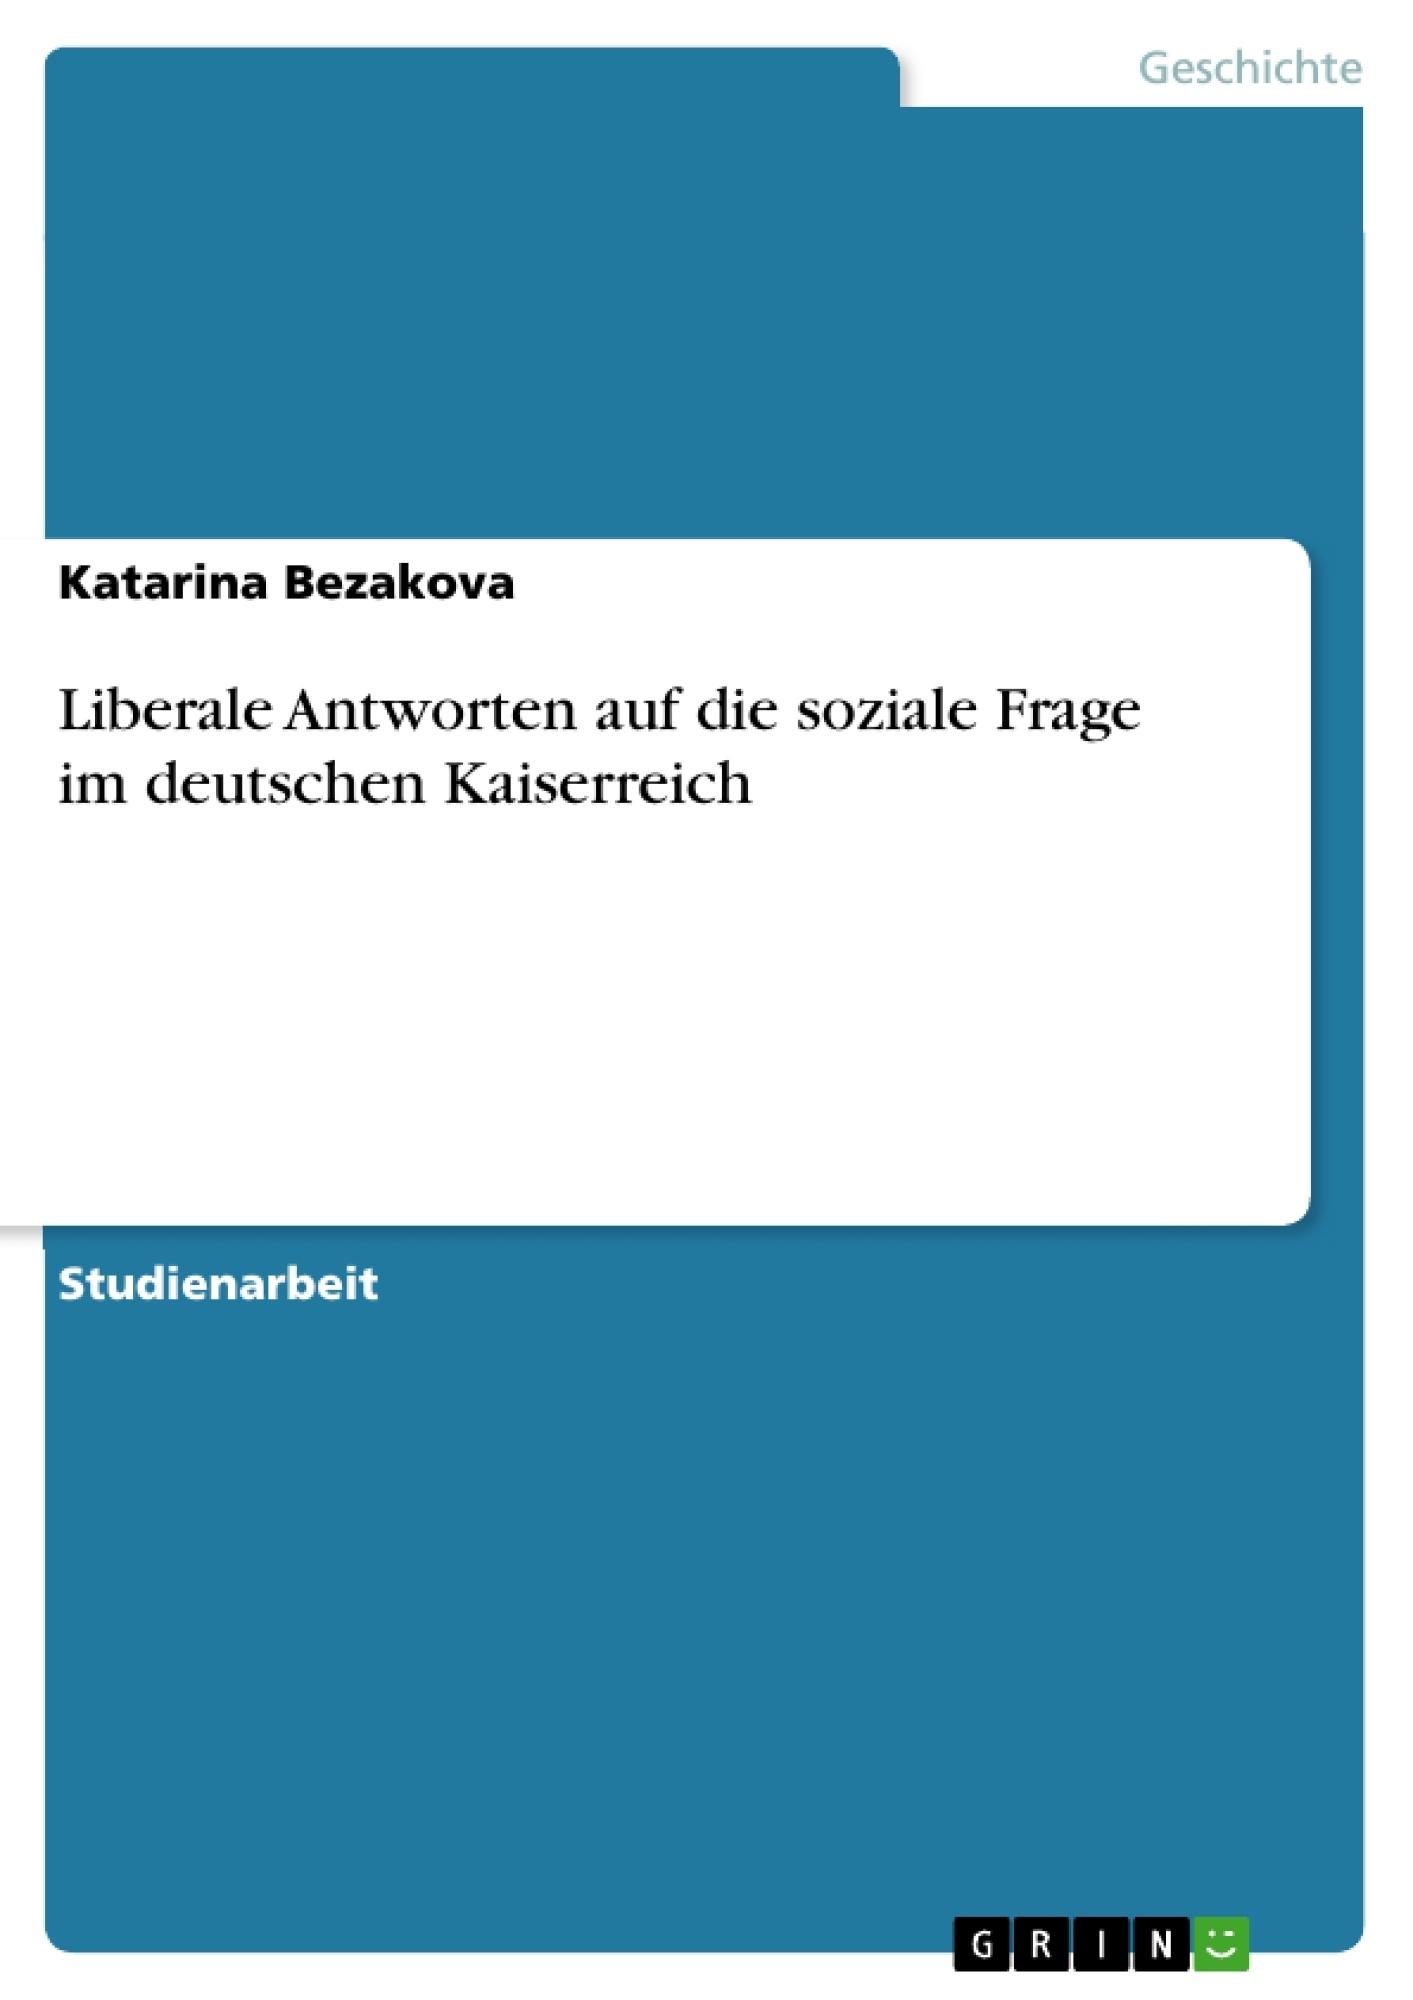 Titel: Liberale Antworten auf die soziale Frage im deutschen Kaiserreich